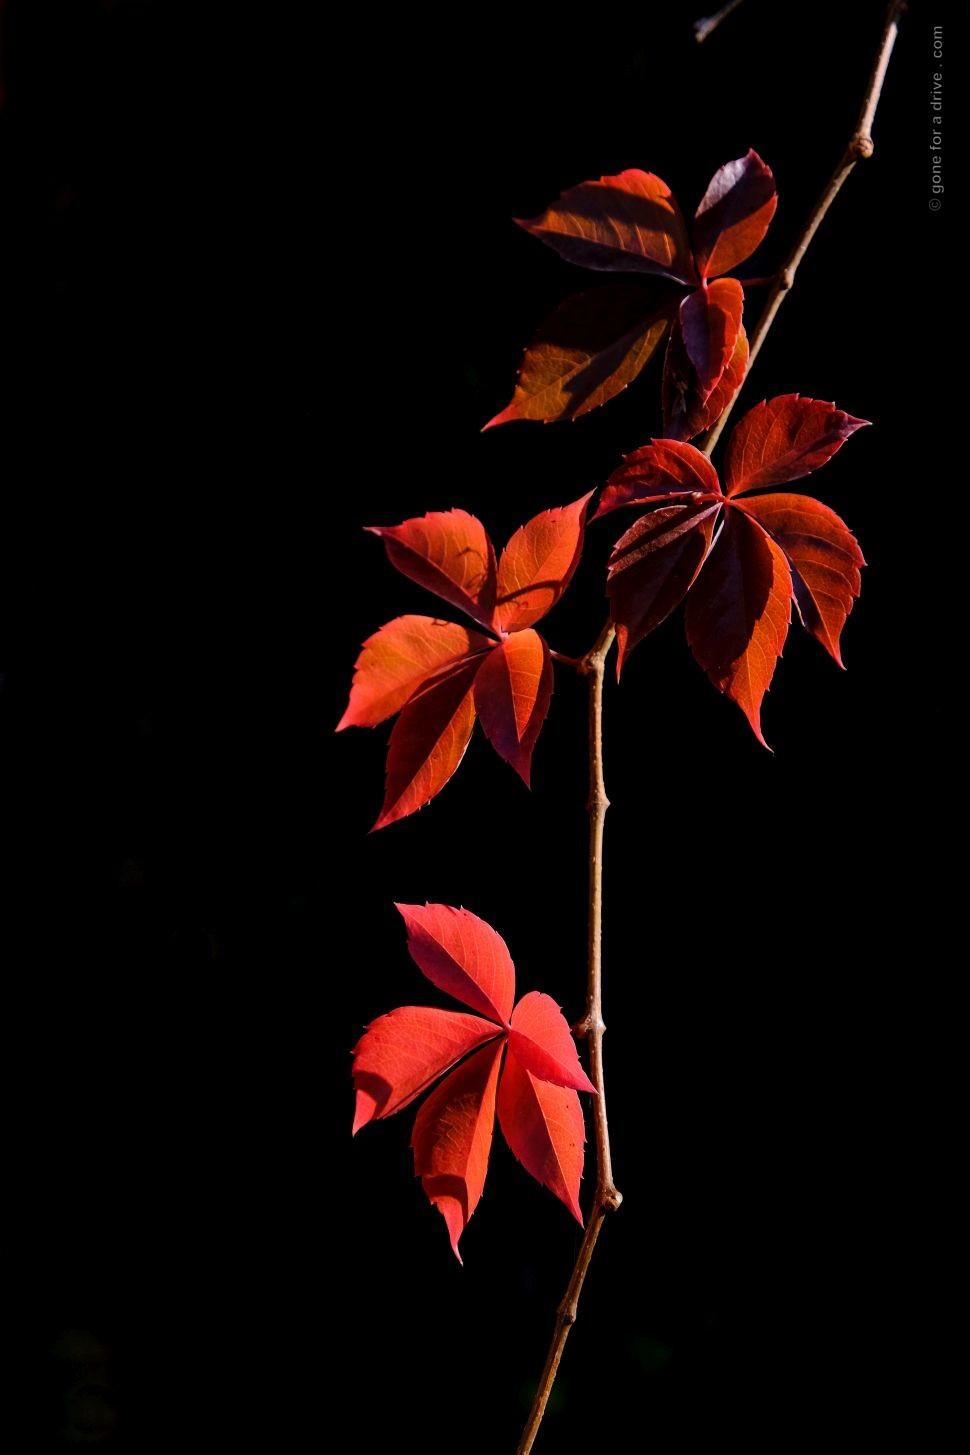 Rot leuchtende Blätter eines Weinstocks vor schwarzem Hintergrund.